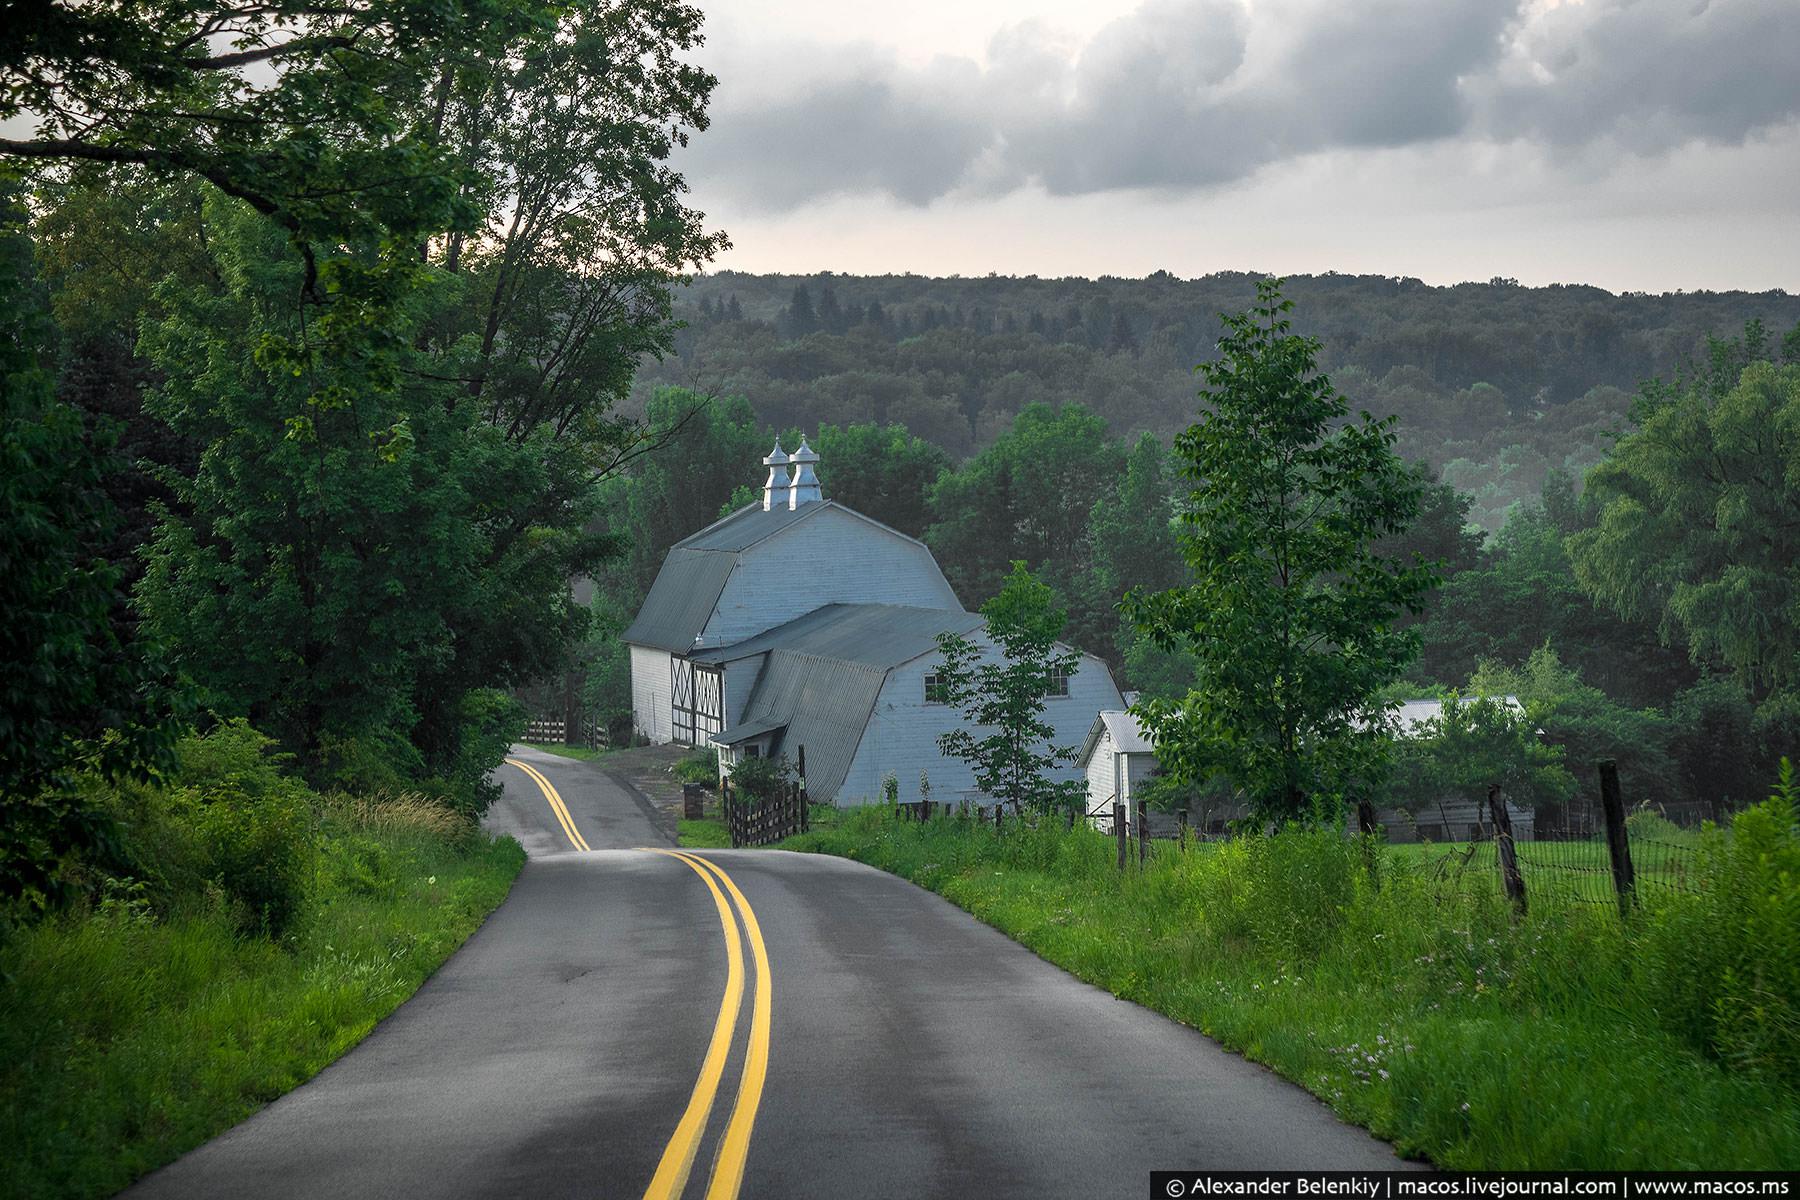 Москоу в штате Пенсильвания тоже большим поселением не назовешь. Так, деревня по местным меркам. Она